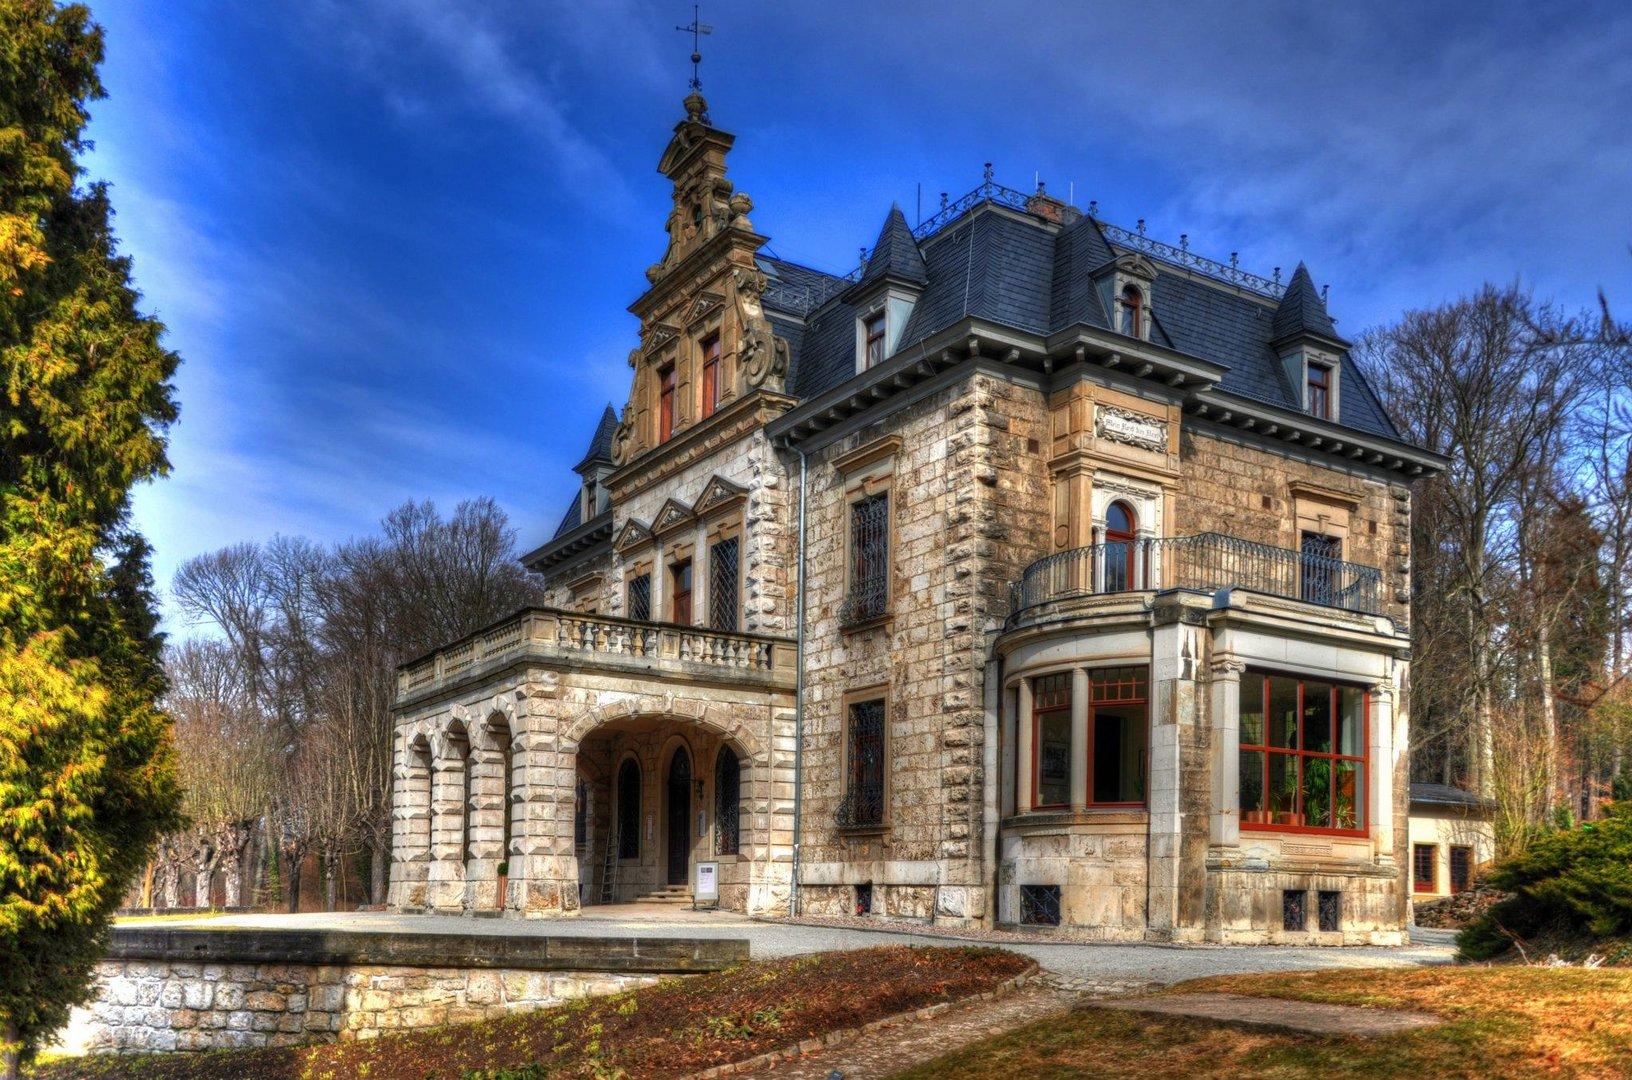 Villa haar weimar foto bild architektur hdr weimar bilder auf fotocommunity - Architektur weimar ...